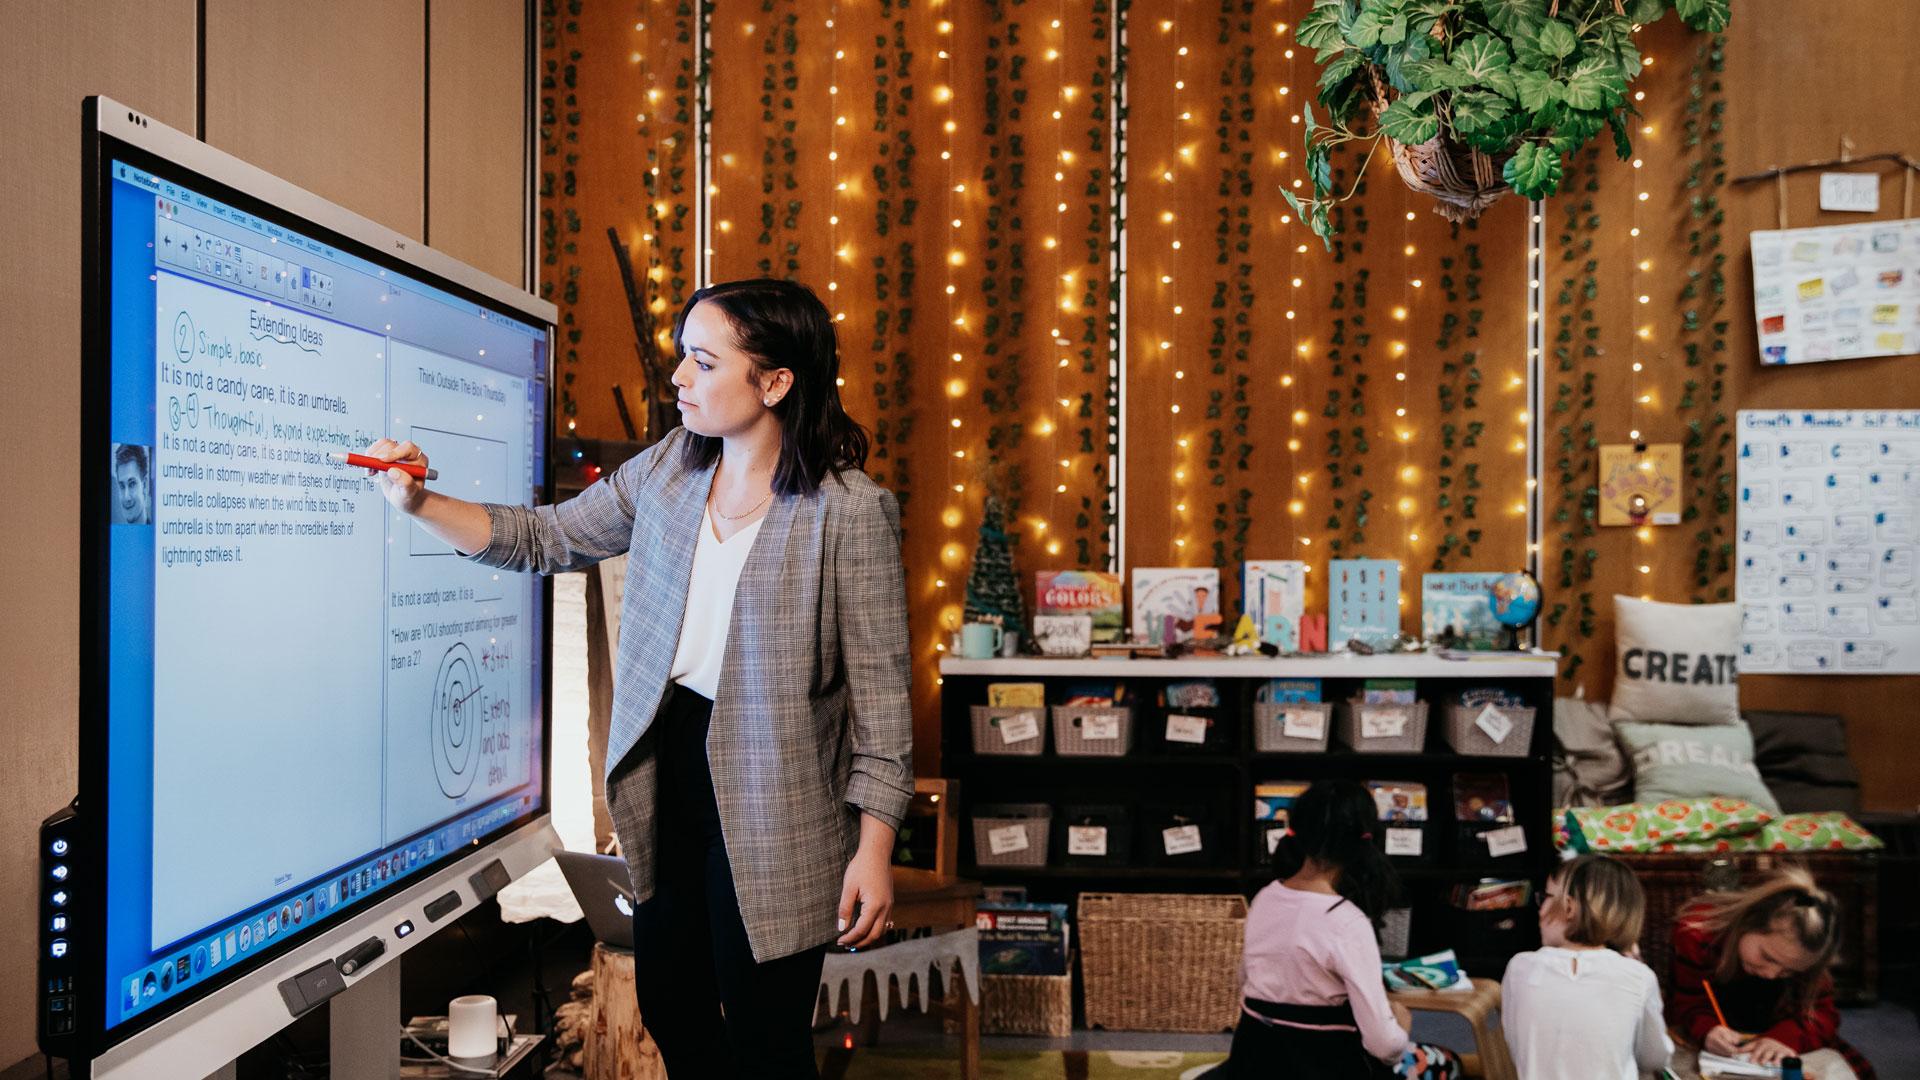 Er din SMART Board skjerm klar for skolestart?